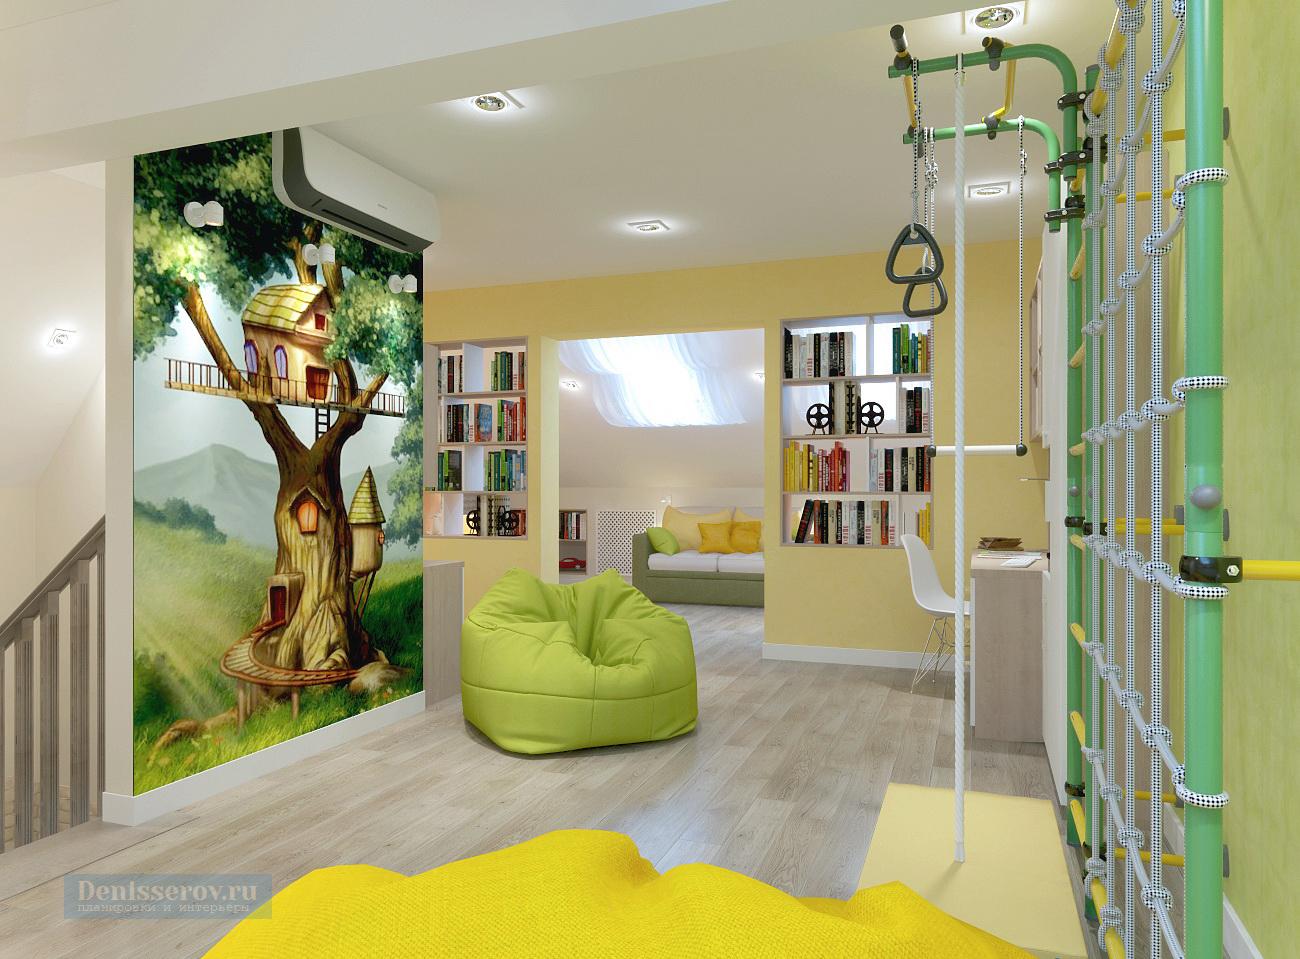 детская мансарда в загородном доме в зеленом цвете